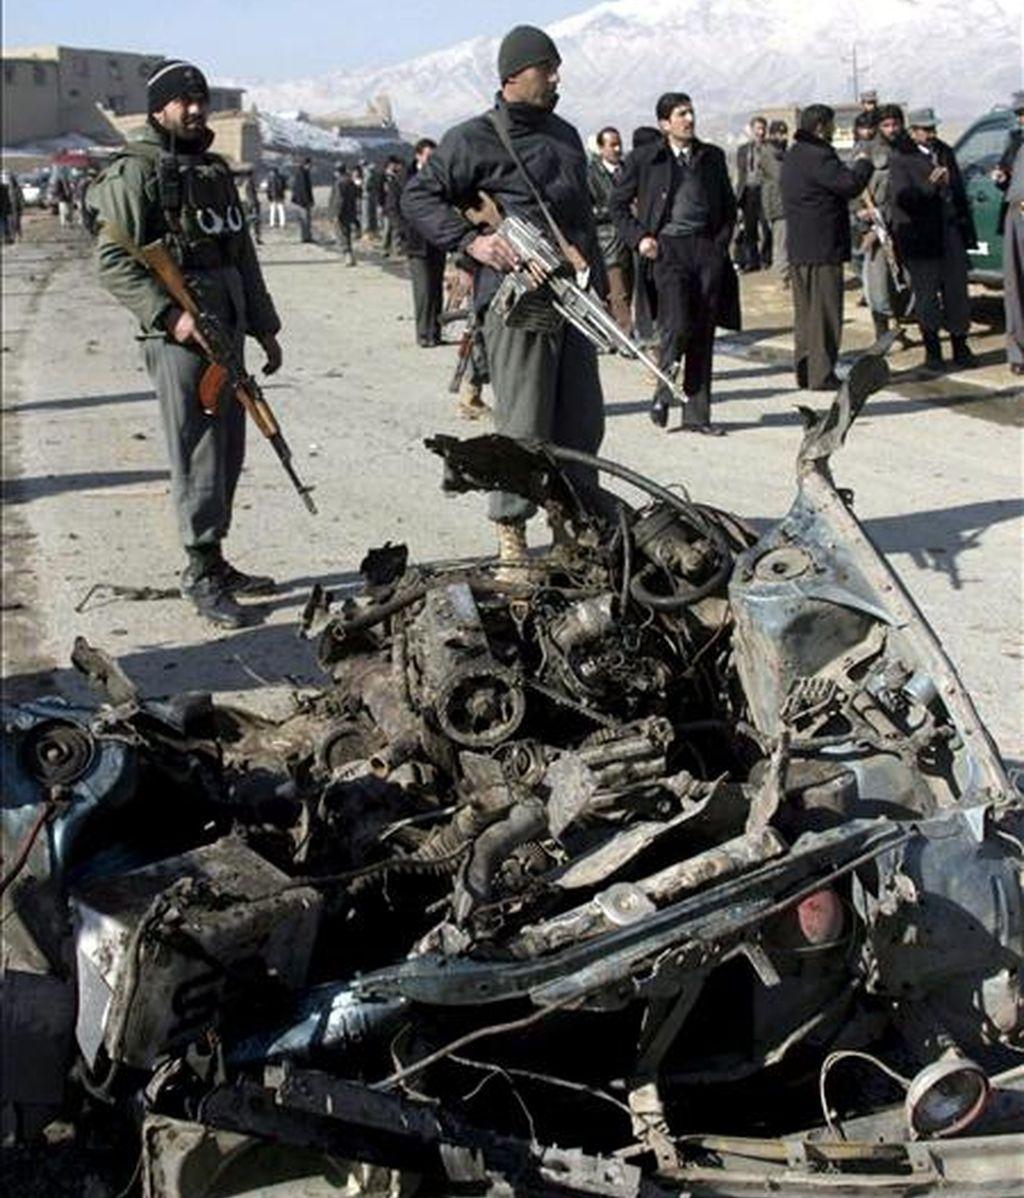 Policías afganos vigilan junto a los restos de un coche bomba utilizado en un atentado suicida a las afueras de Kabul (Afganistán) el pasado 1 de febrero. EFE/Archivo